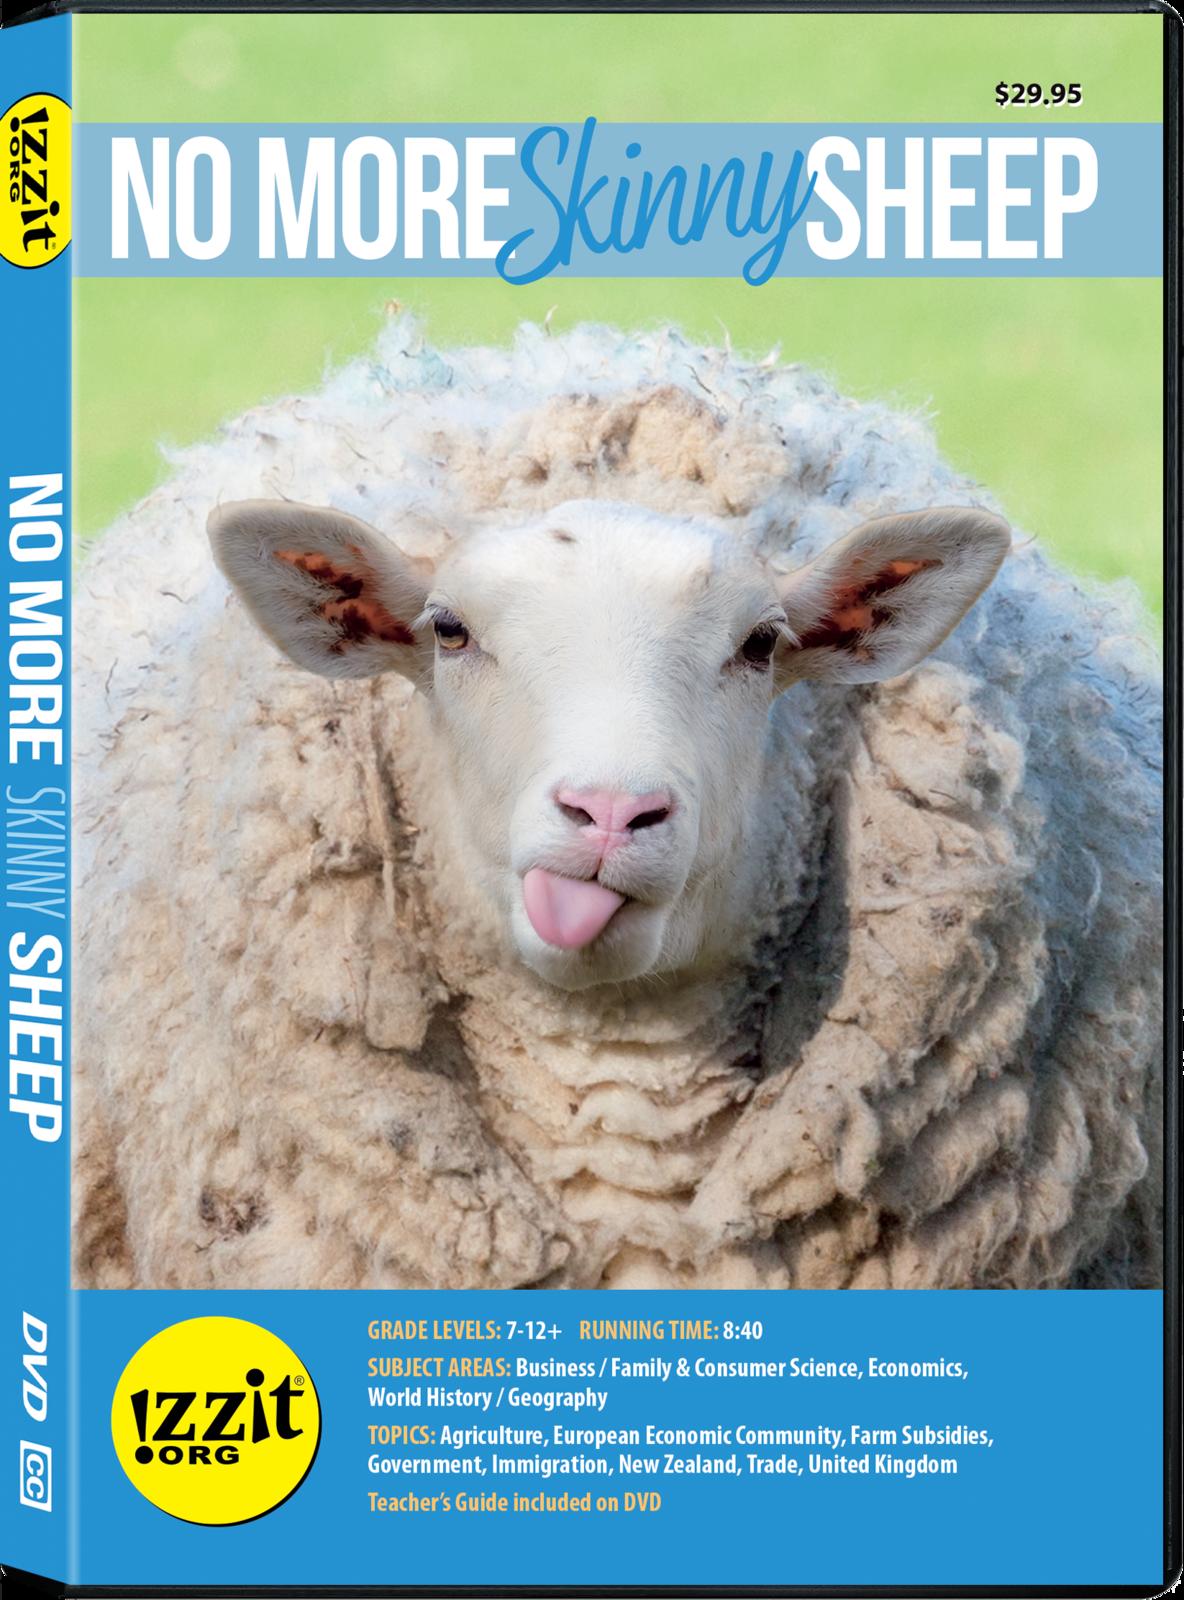 Skinny sheep largebox